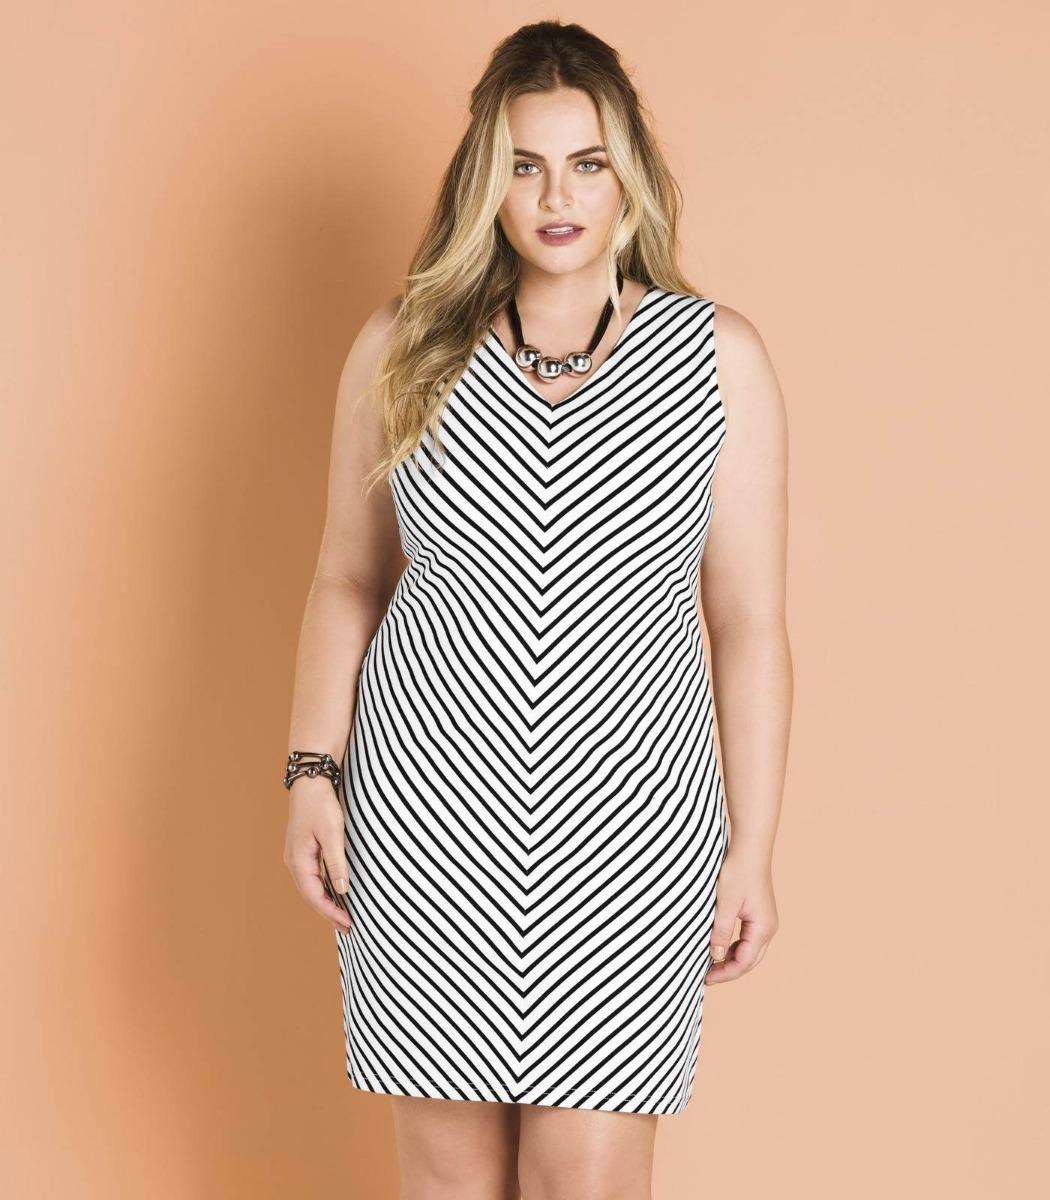 0696db971 Vestido Secret Glam - R$ 149,90 em Mercado Livre